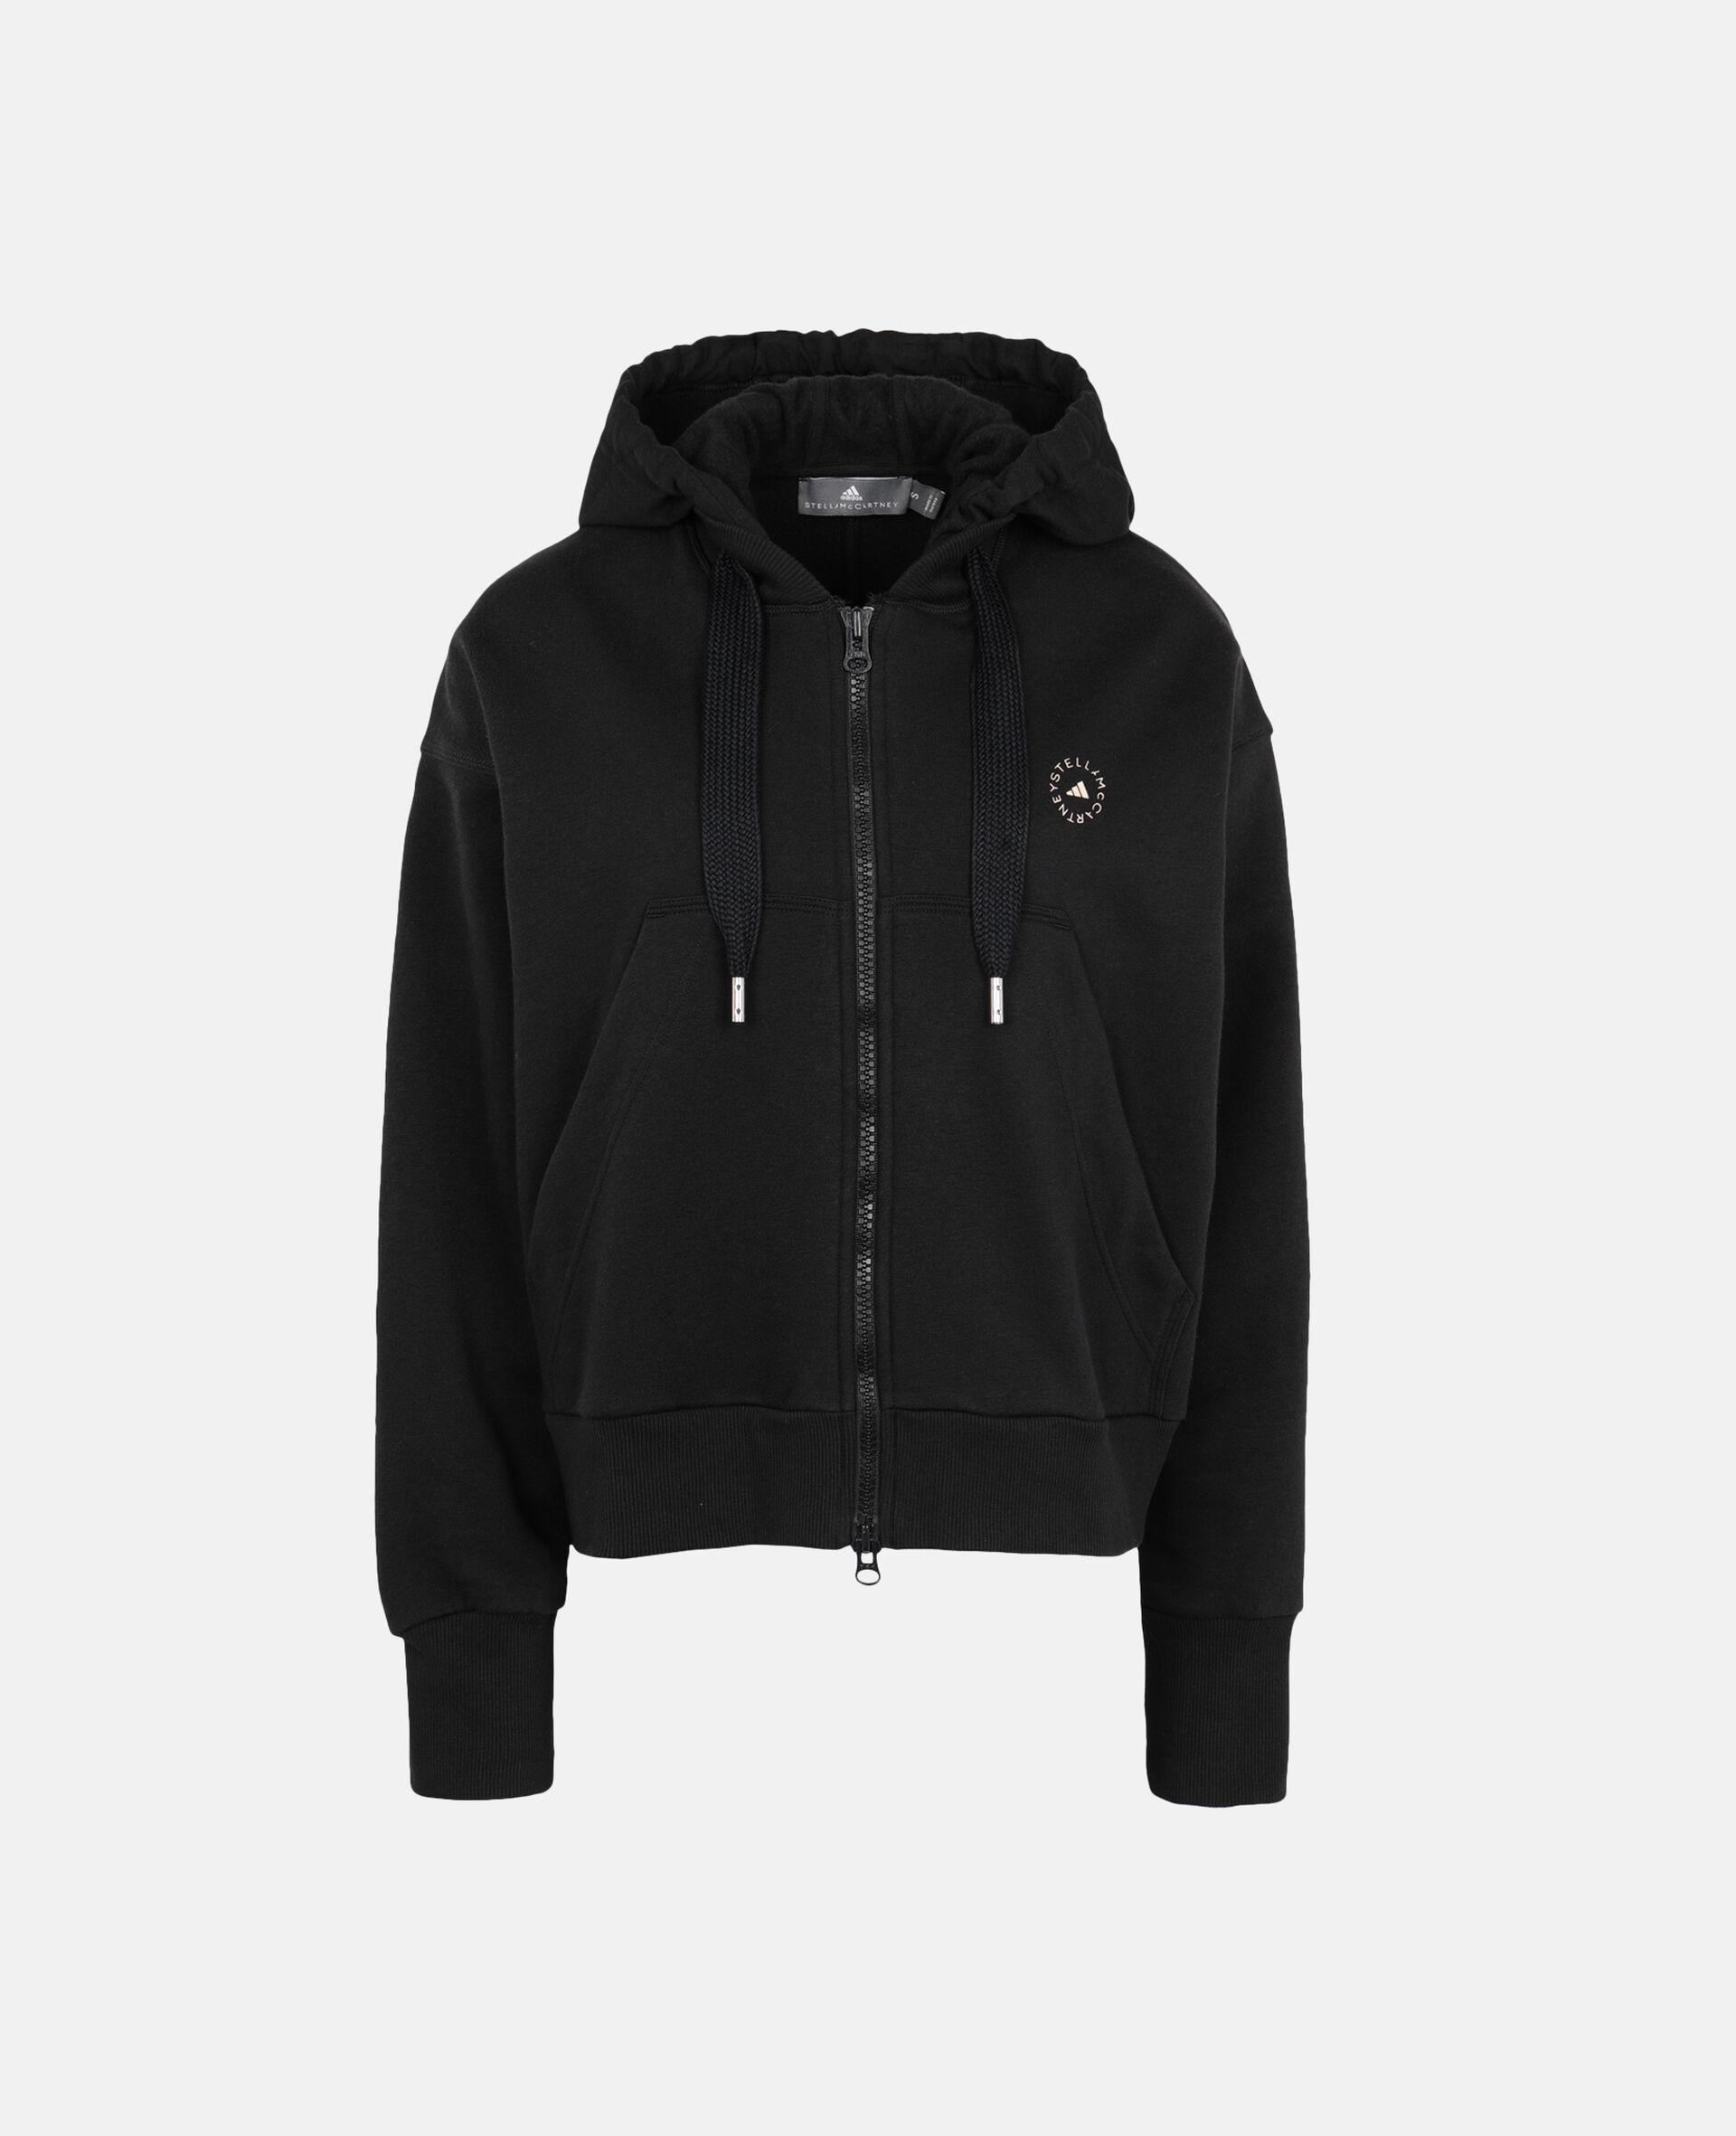 Black Full-zipper Cropped Hoodie-Black-large image number 0